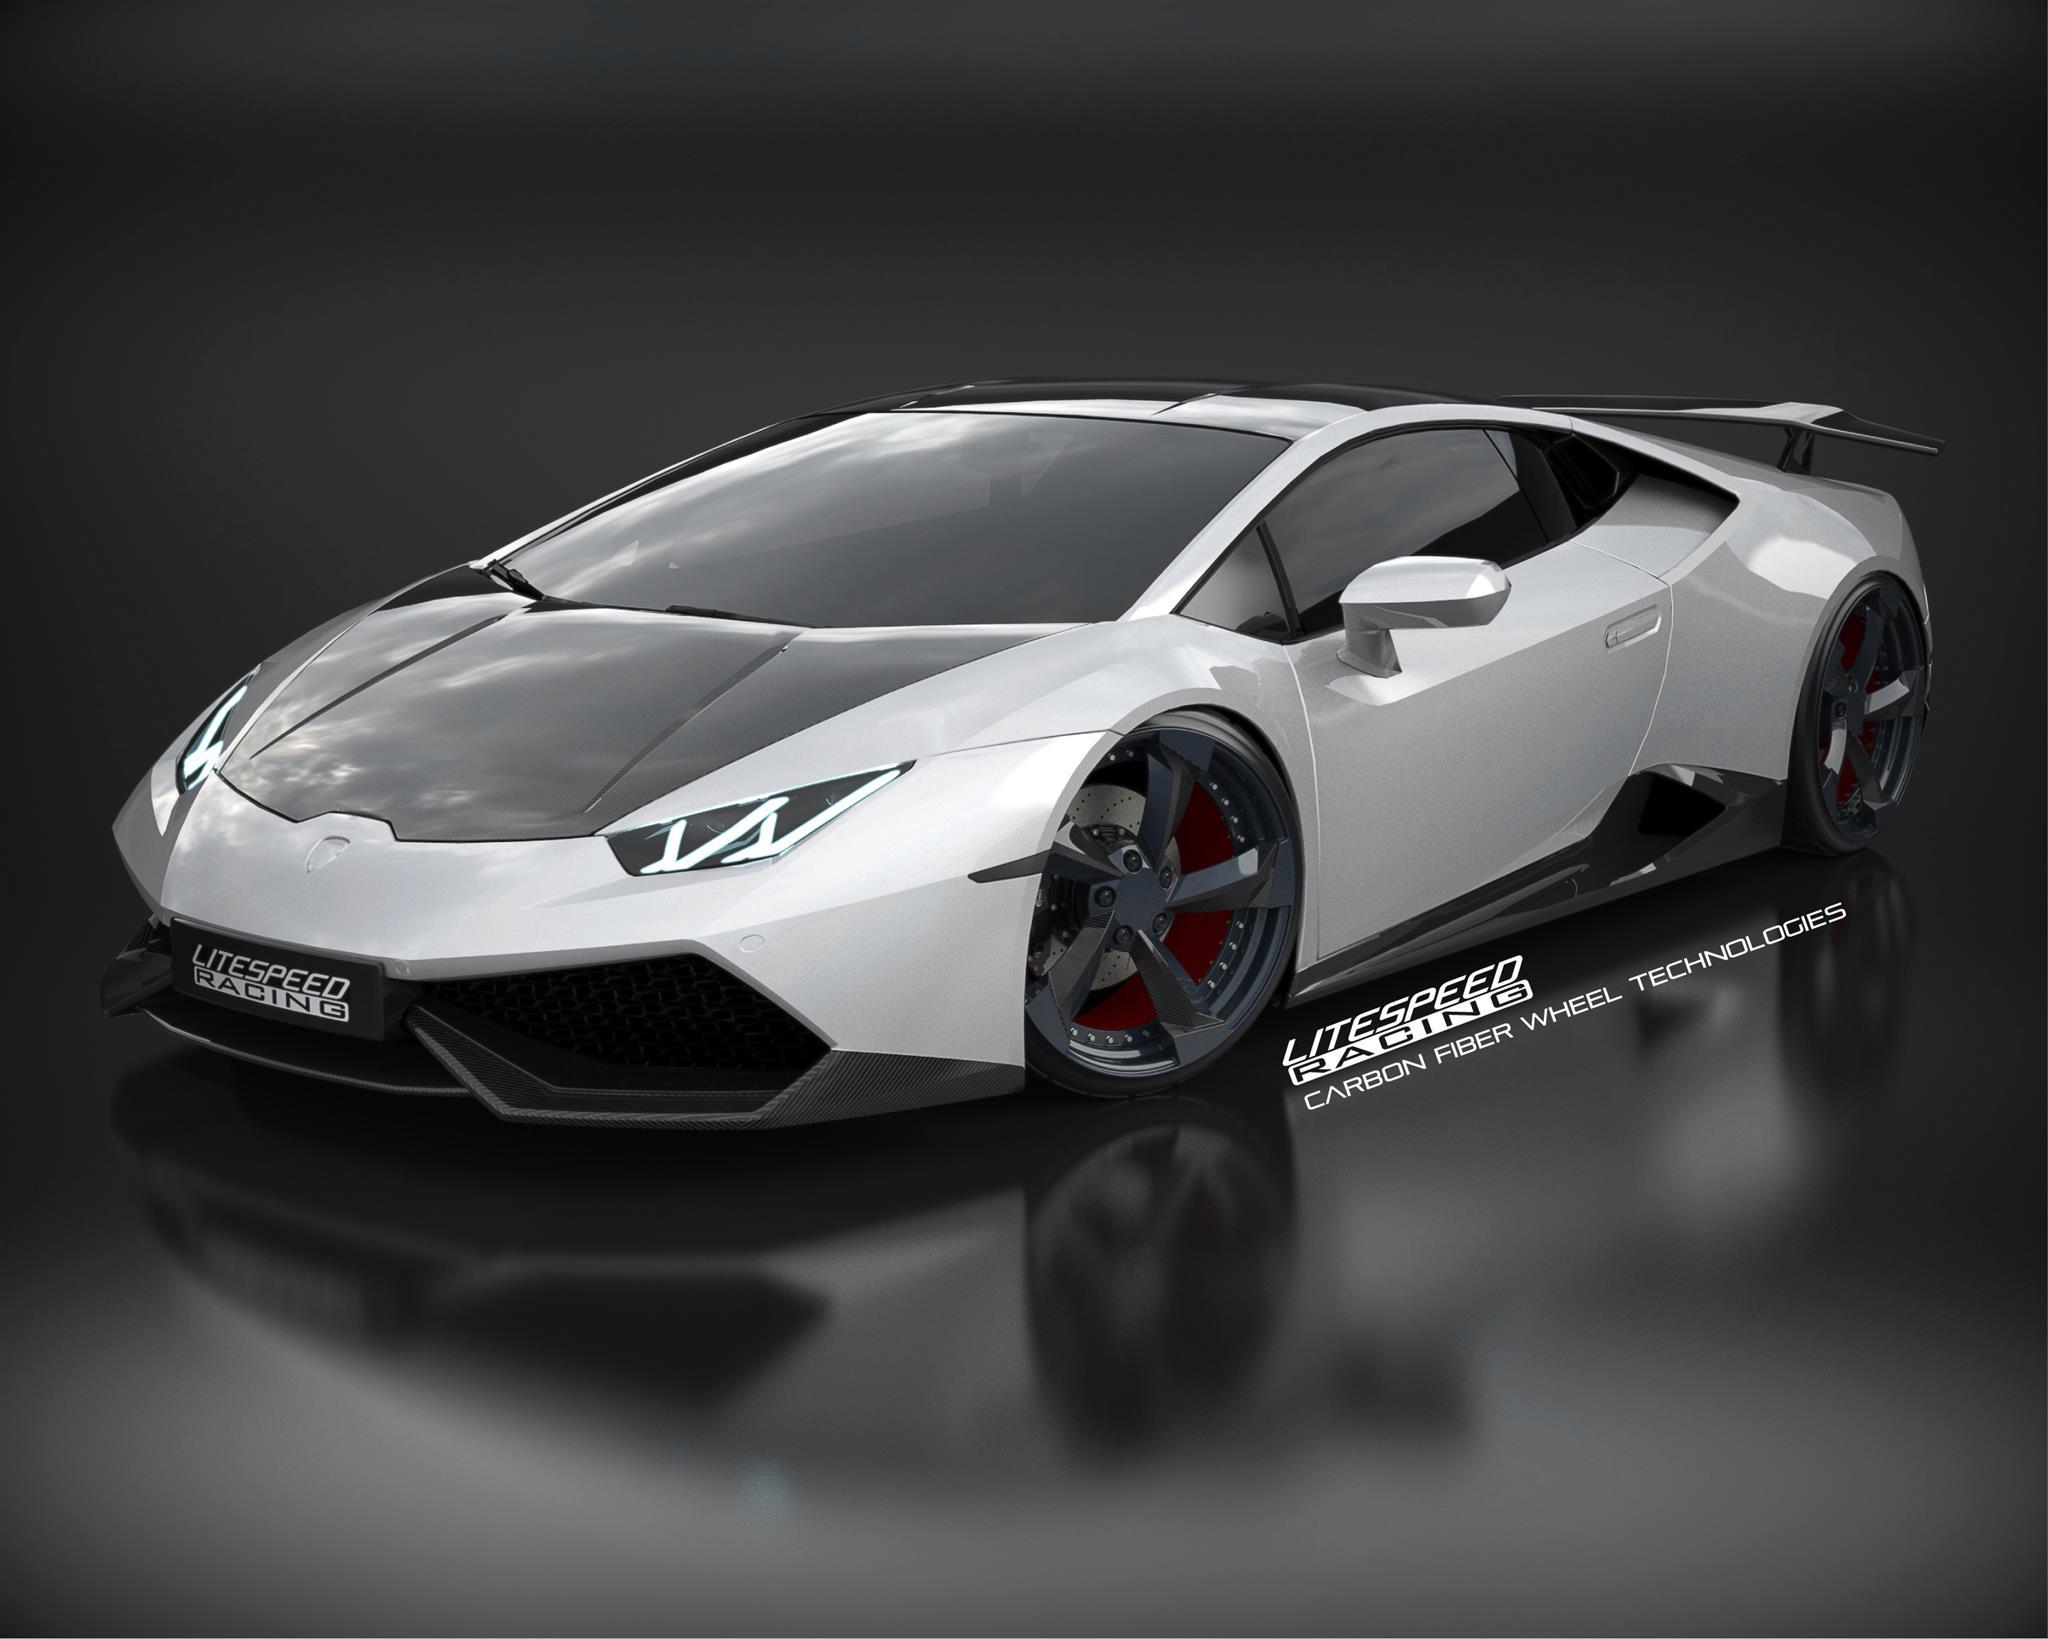 Lamborghini - Huracan - 2015 - Wheels & Tires